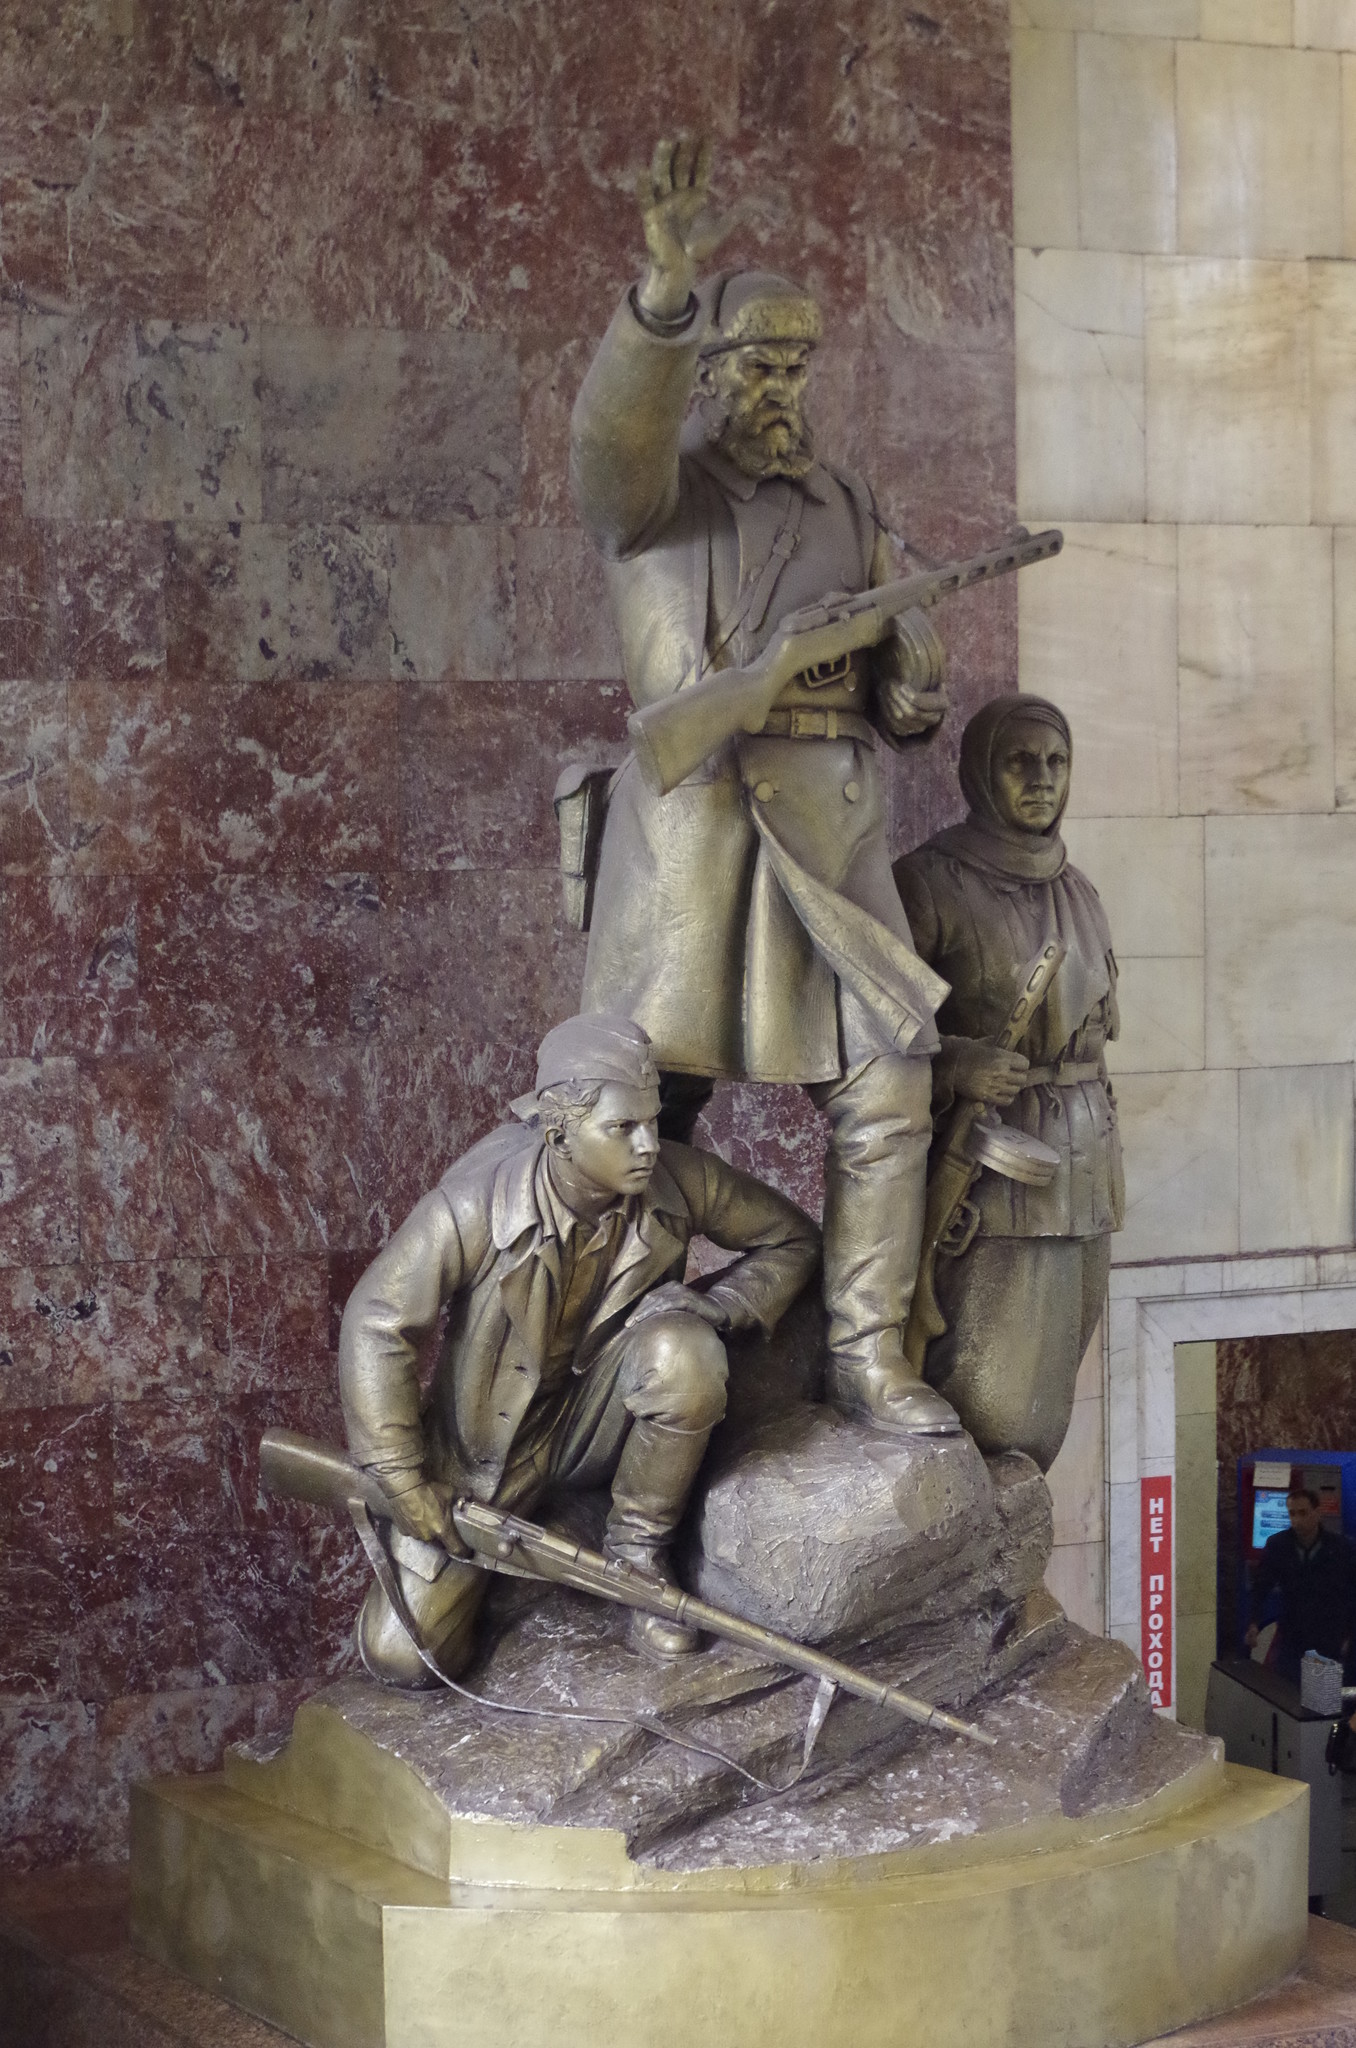 Скульптурная группа «Партизаны» в вестибюле станции «Партизанская» Арбатско-Покровской линии